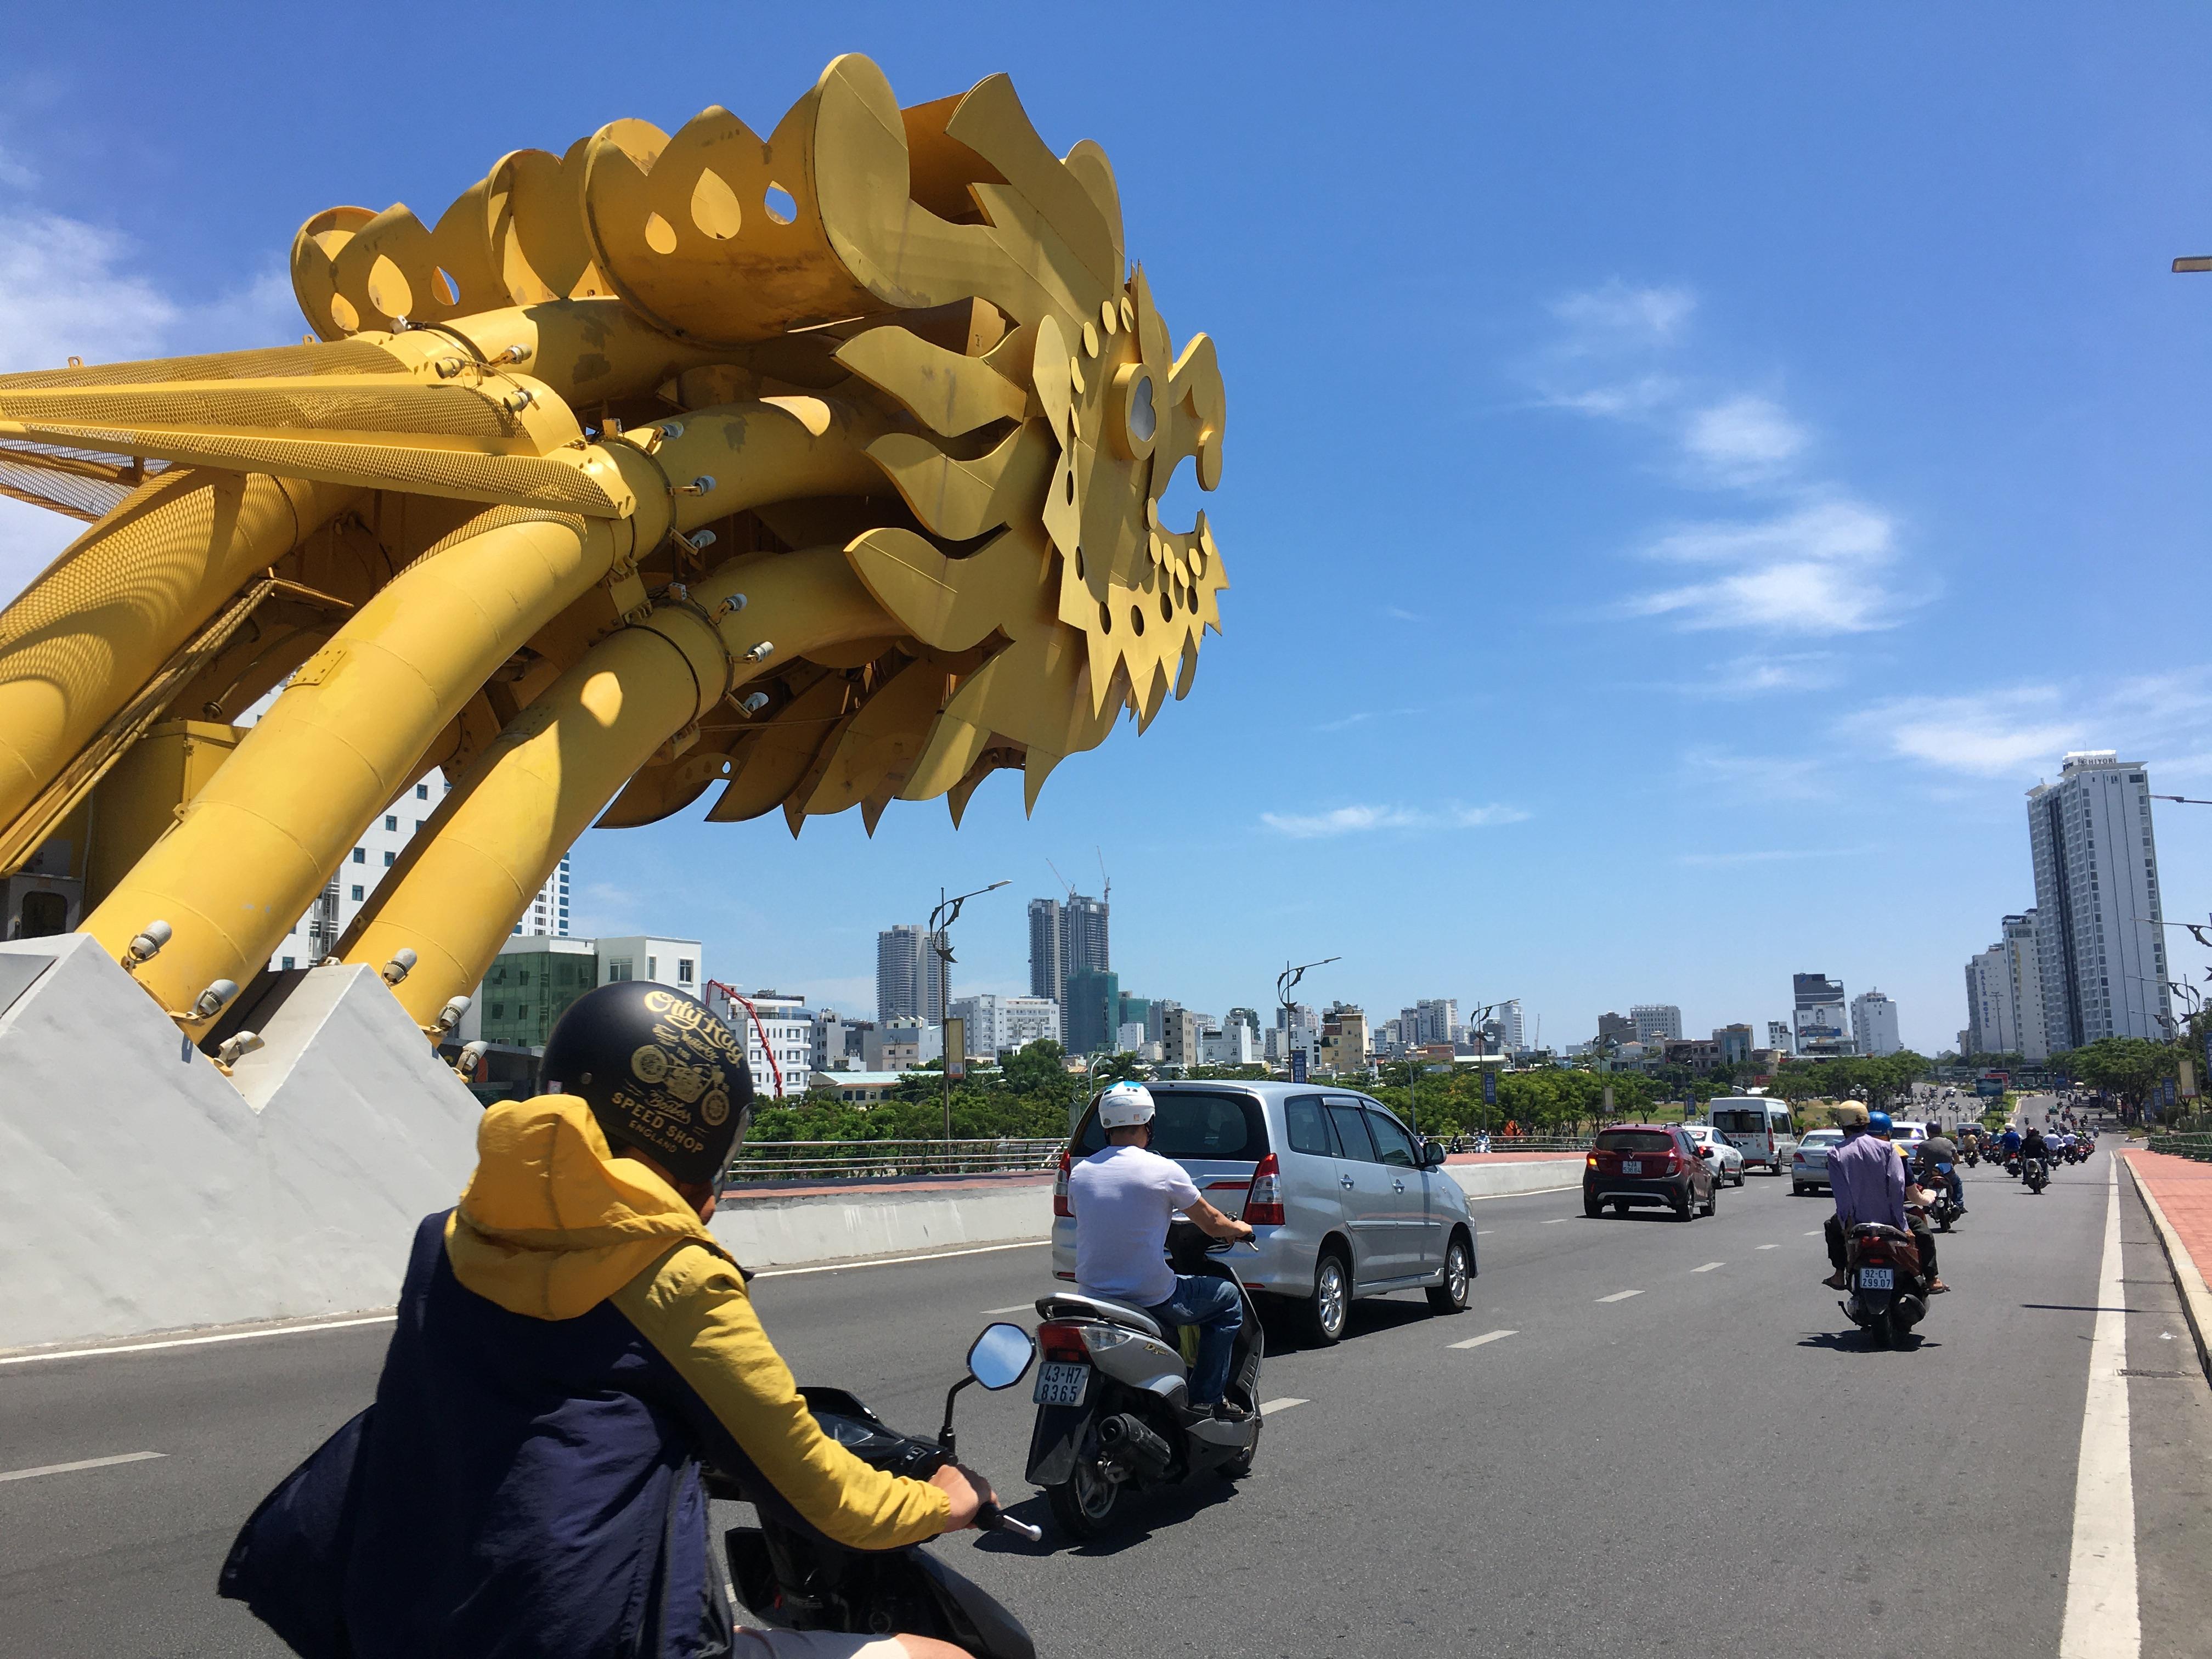 Quán xá Đà Nẵng đông khách cho phục vụ ăn uống tại chỗ sáng 11/9 - Ảnh 2.